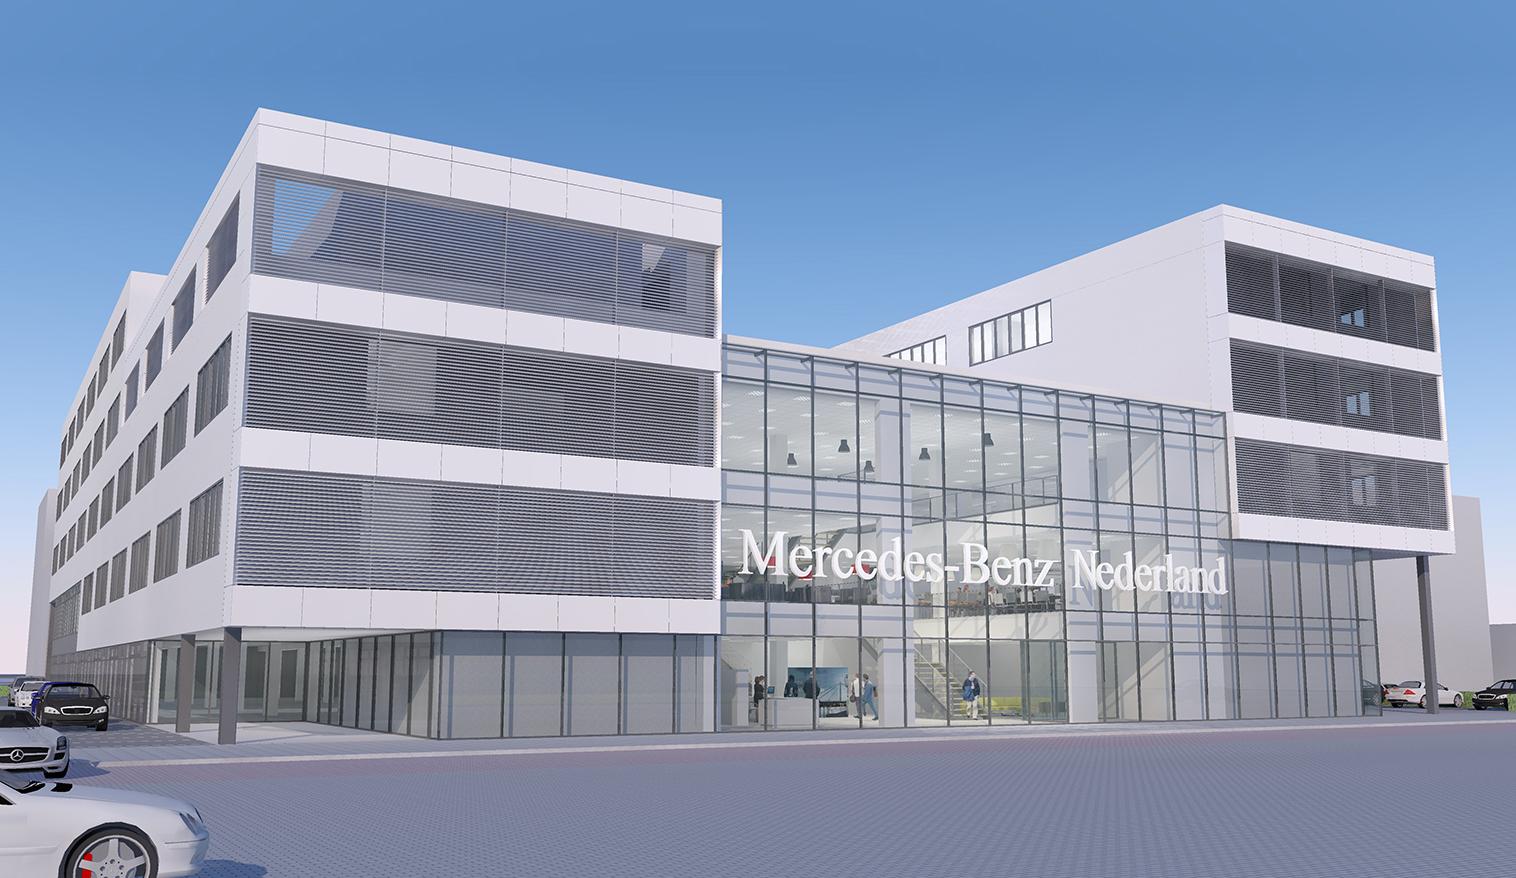 01 OPL Architecten_Mercedes Benz HQ-1516×878-72dpi